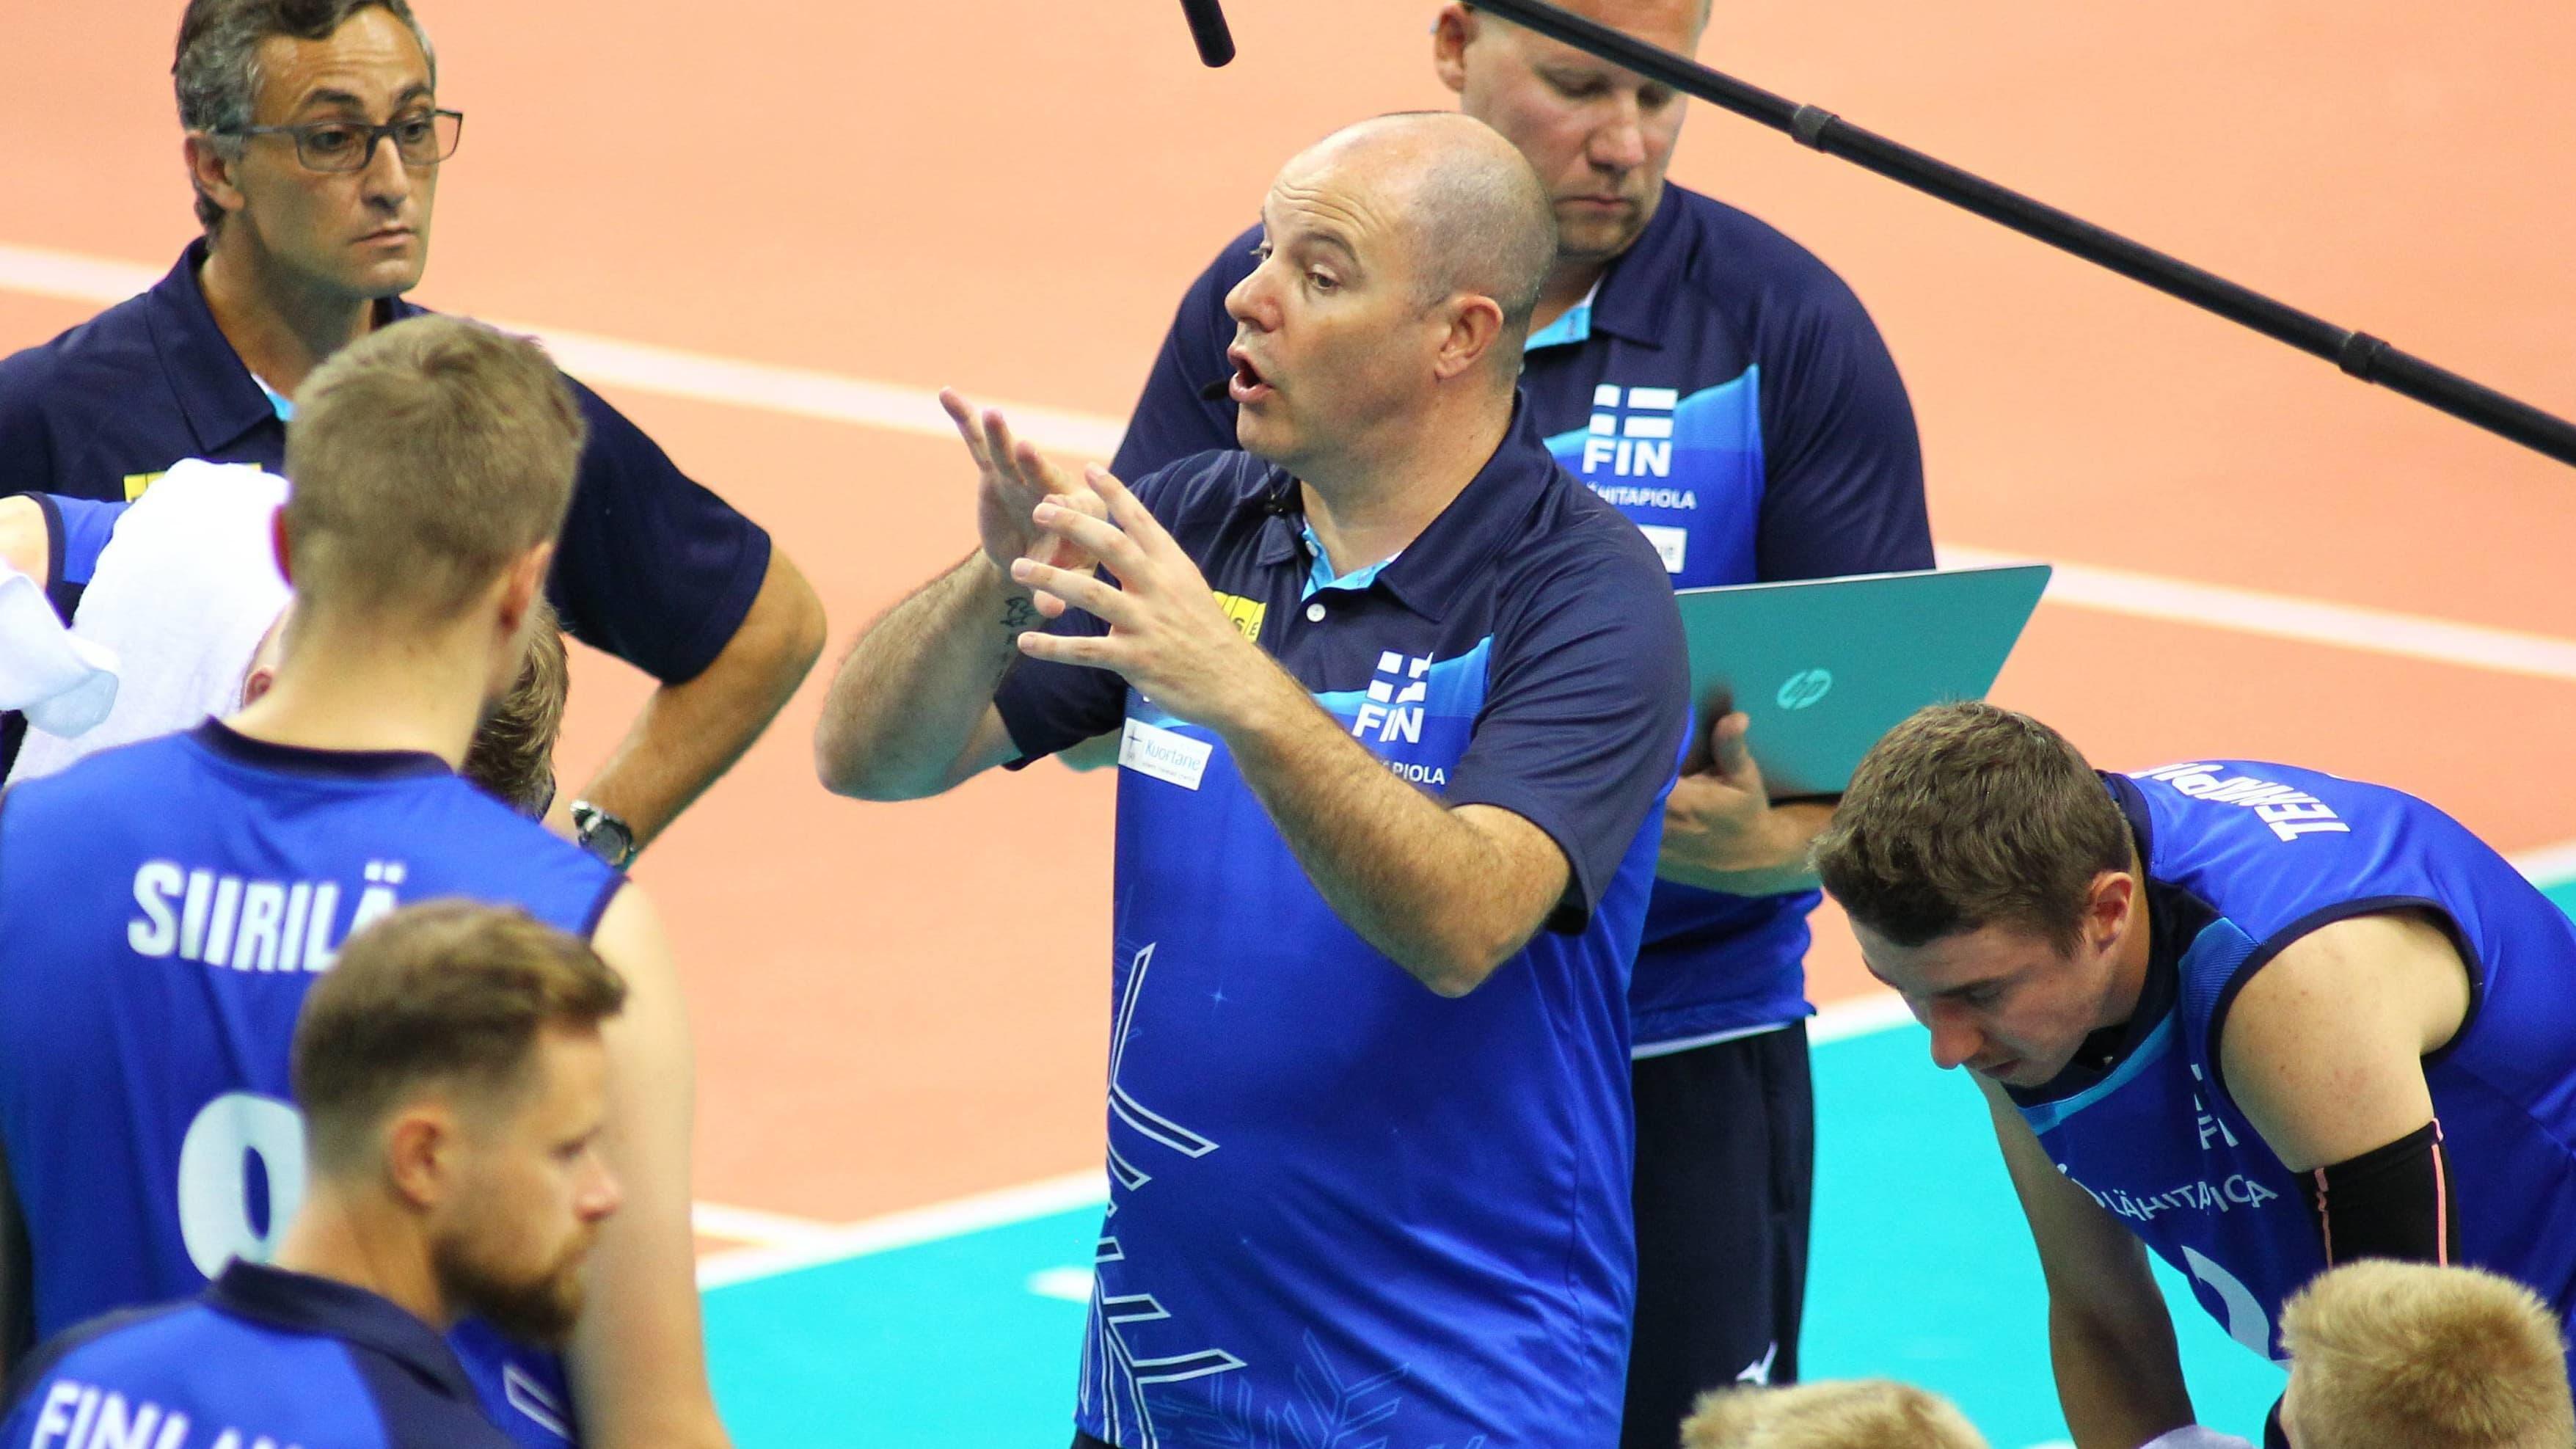 Joel Banks ger råd till spelarna.